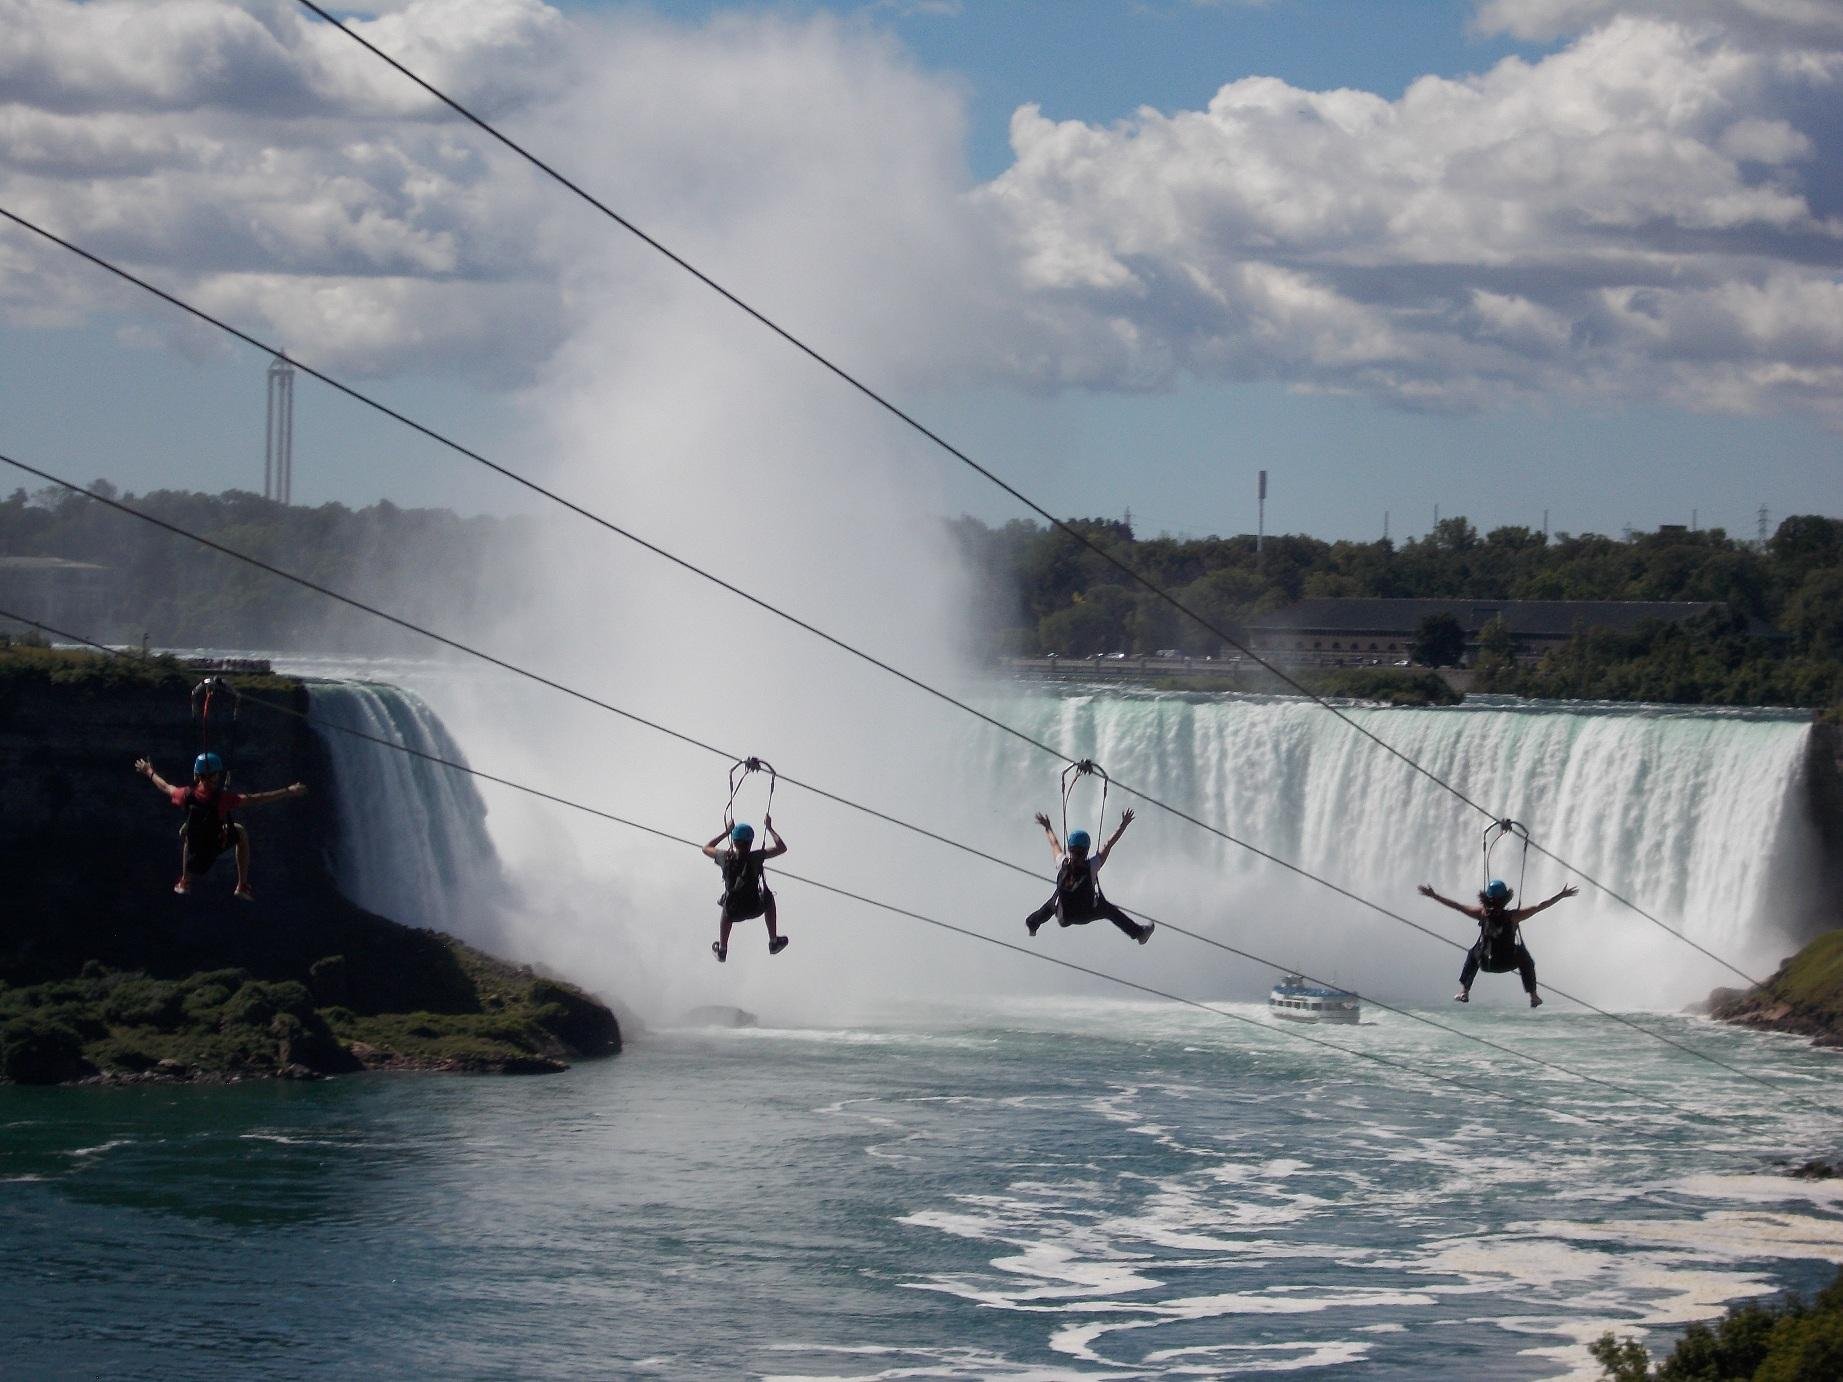 カナダ建国150年記念!ナイアガラの滝/現地特派員レポート